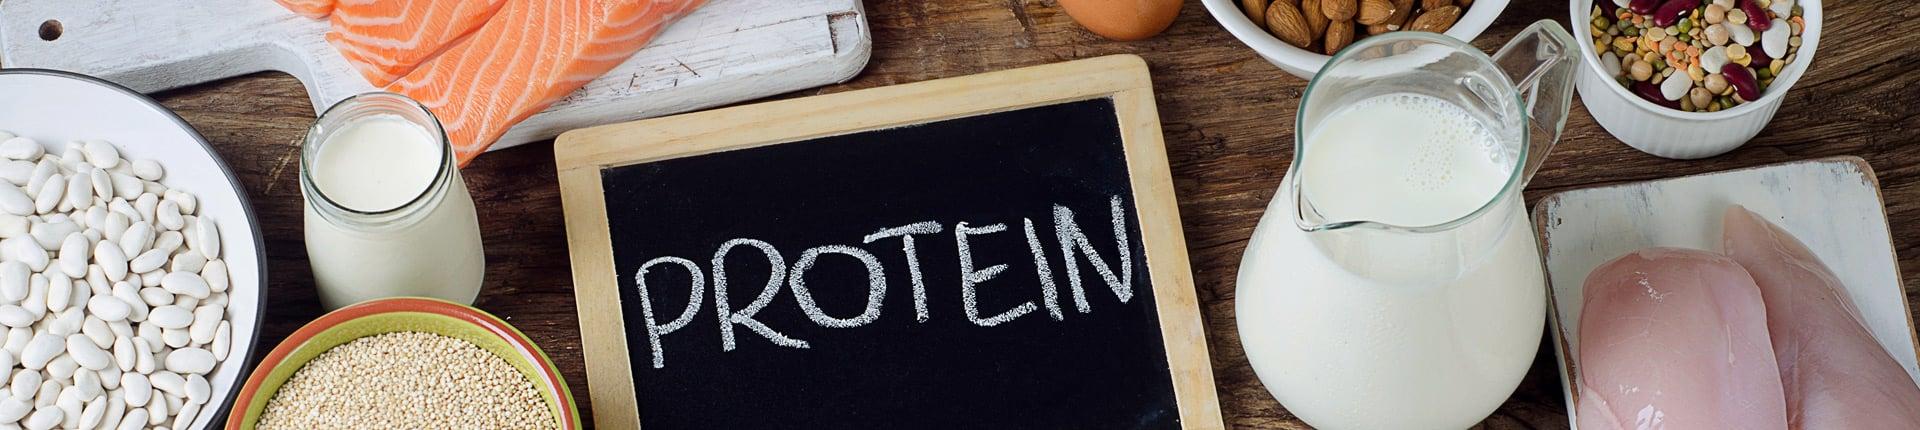 Białko i odżywki białkowe - kompendium wiedzy